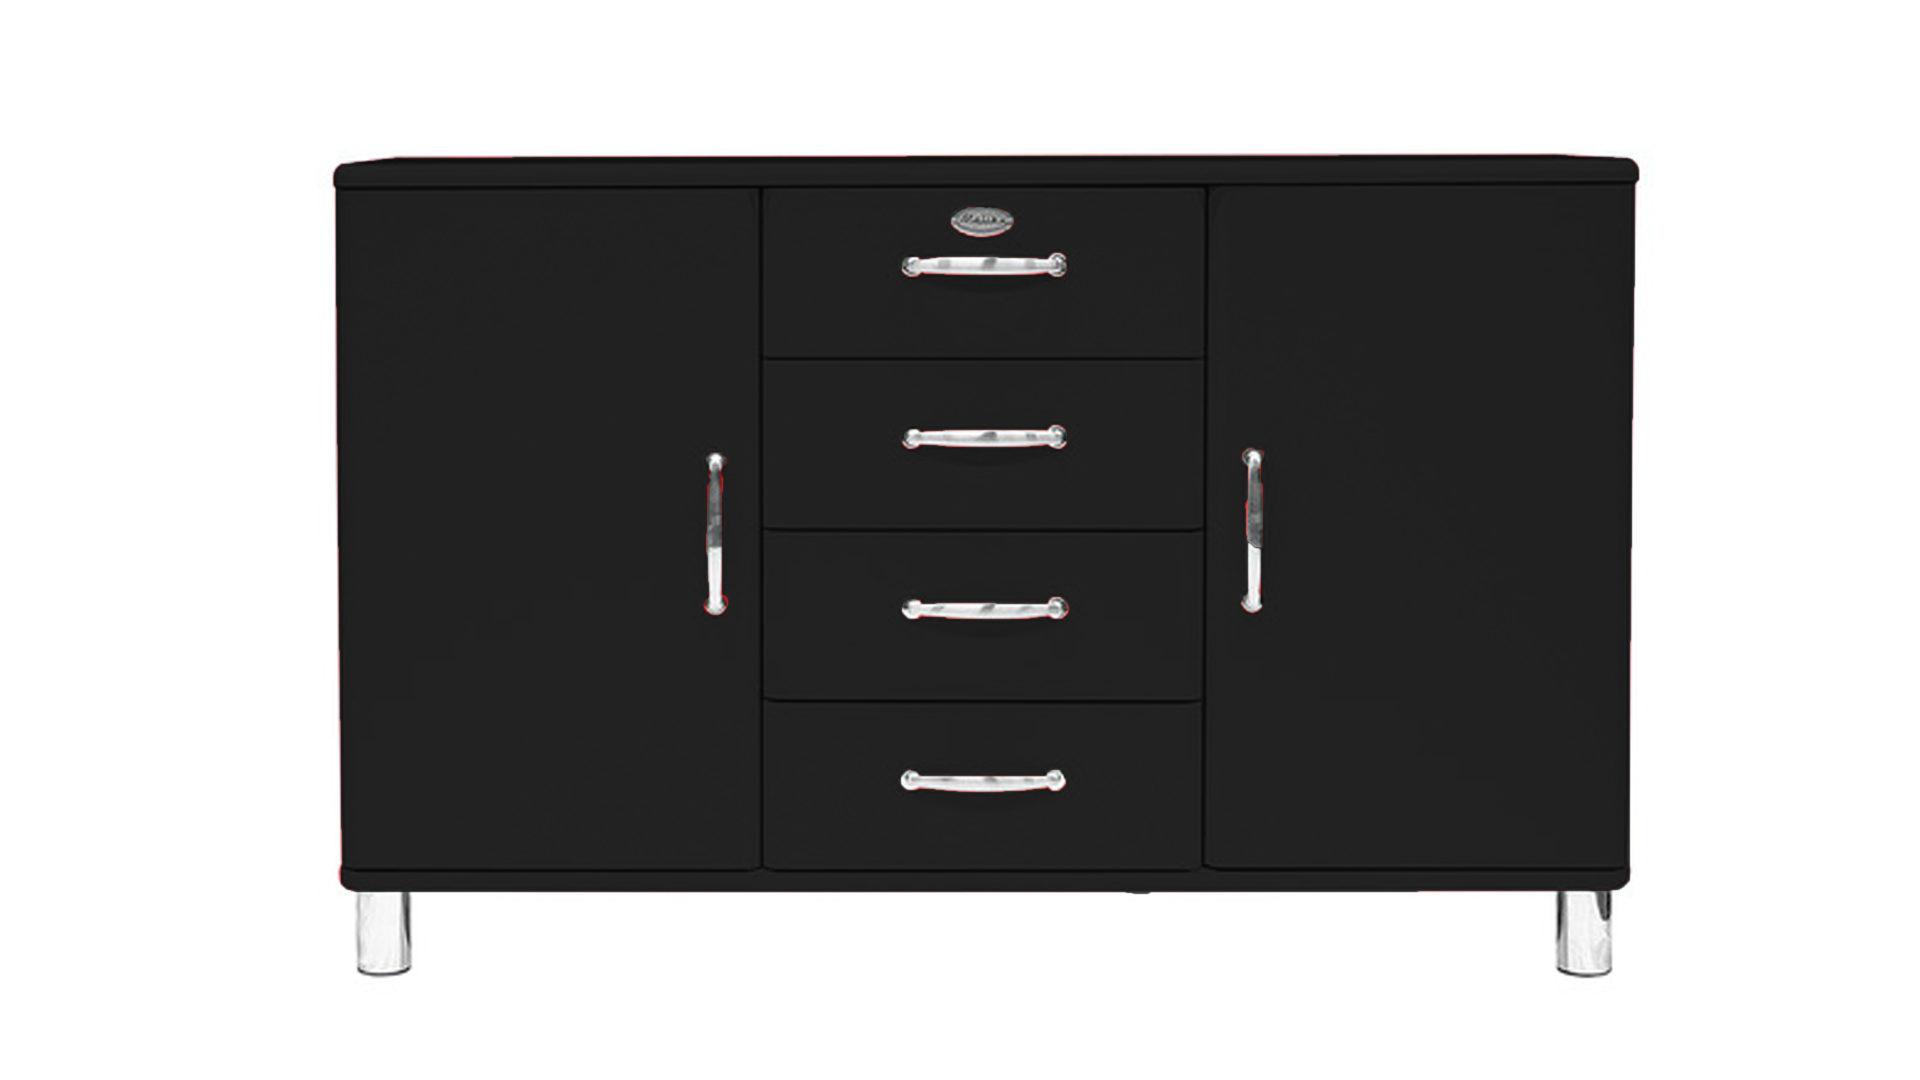 Möbel Bohn Crailsheim, Räume, Esszimmer, Kommoden + Sideboards, Sideboard,  Sideboard, Schwarze Lackoberflächen   Vier Schubladen, Zwei Türen